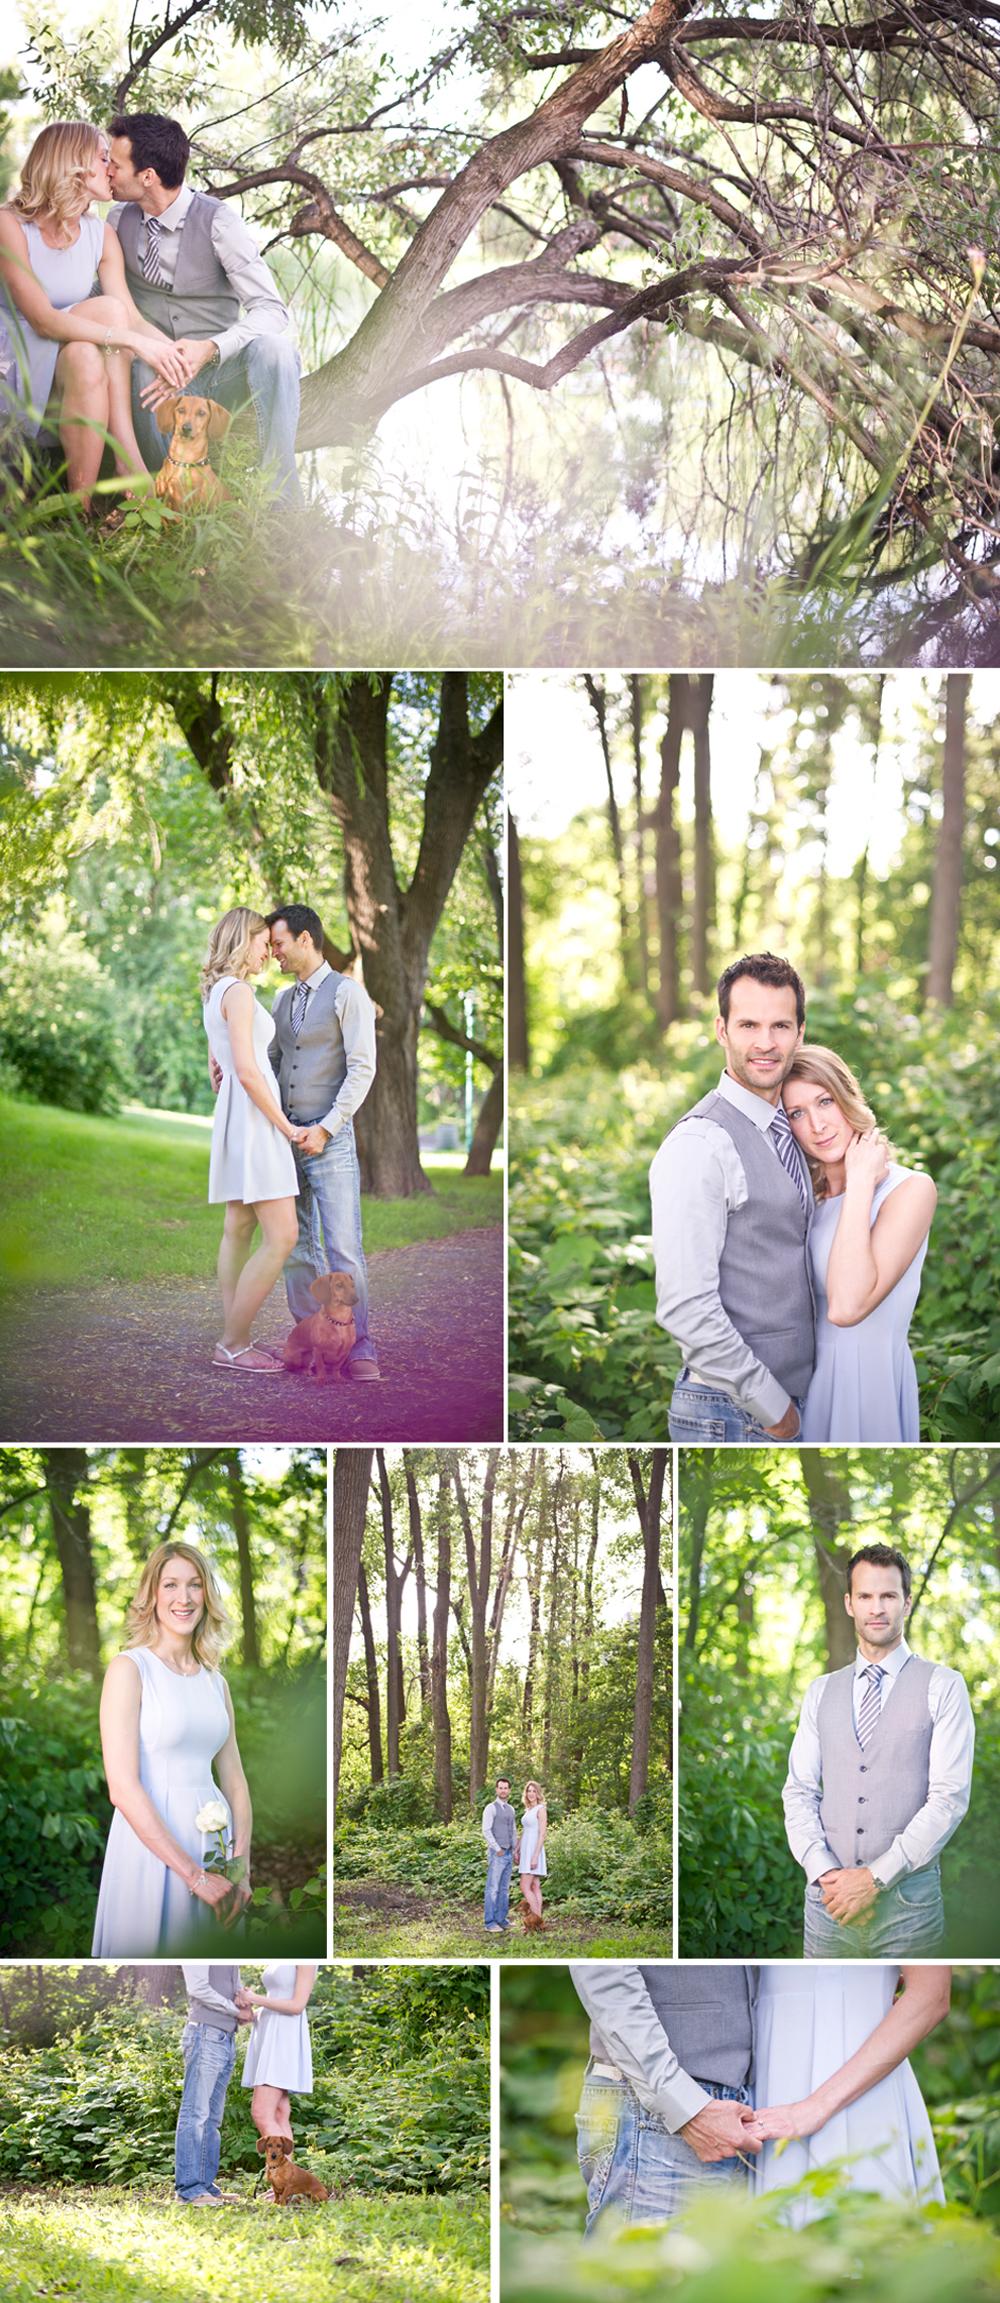 Wedding Photographer Montreal   Ile des Seours   Park   Montreal Quebec   LMP Wedding Photography and Videography   Park